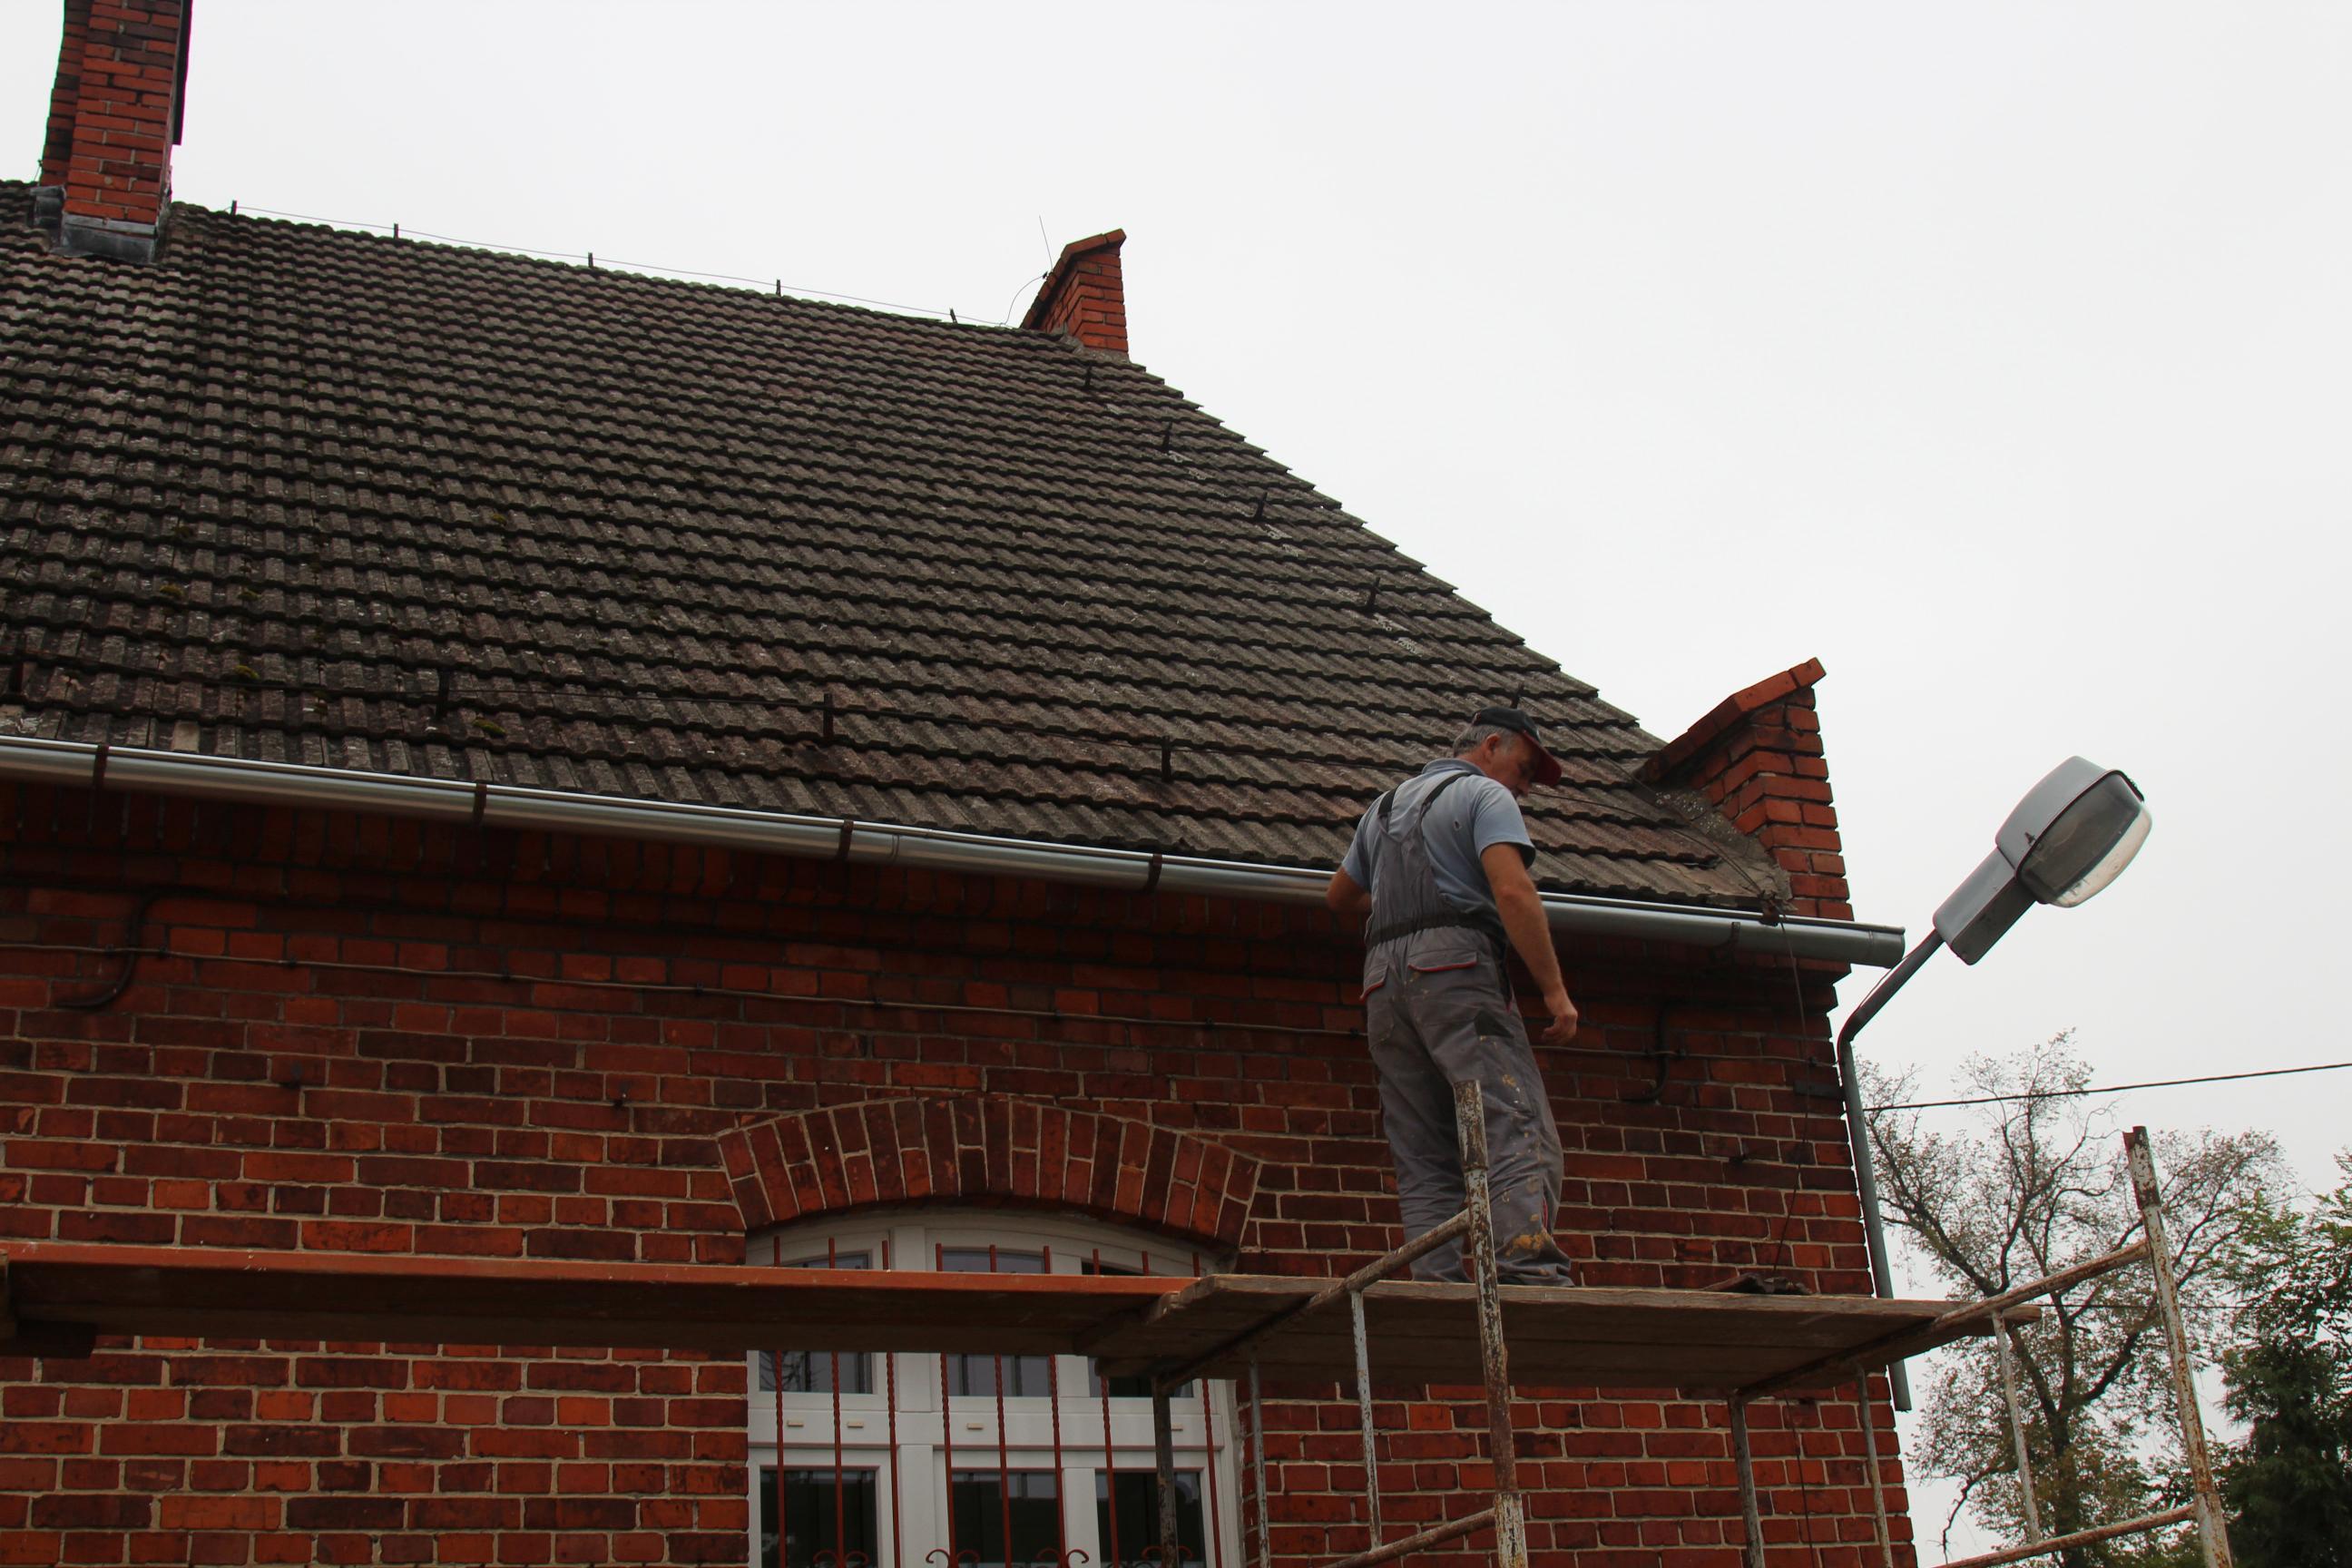 kuźniczysko dach (2).jpeg